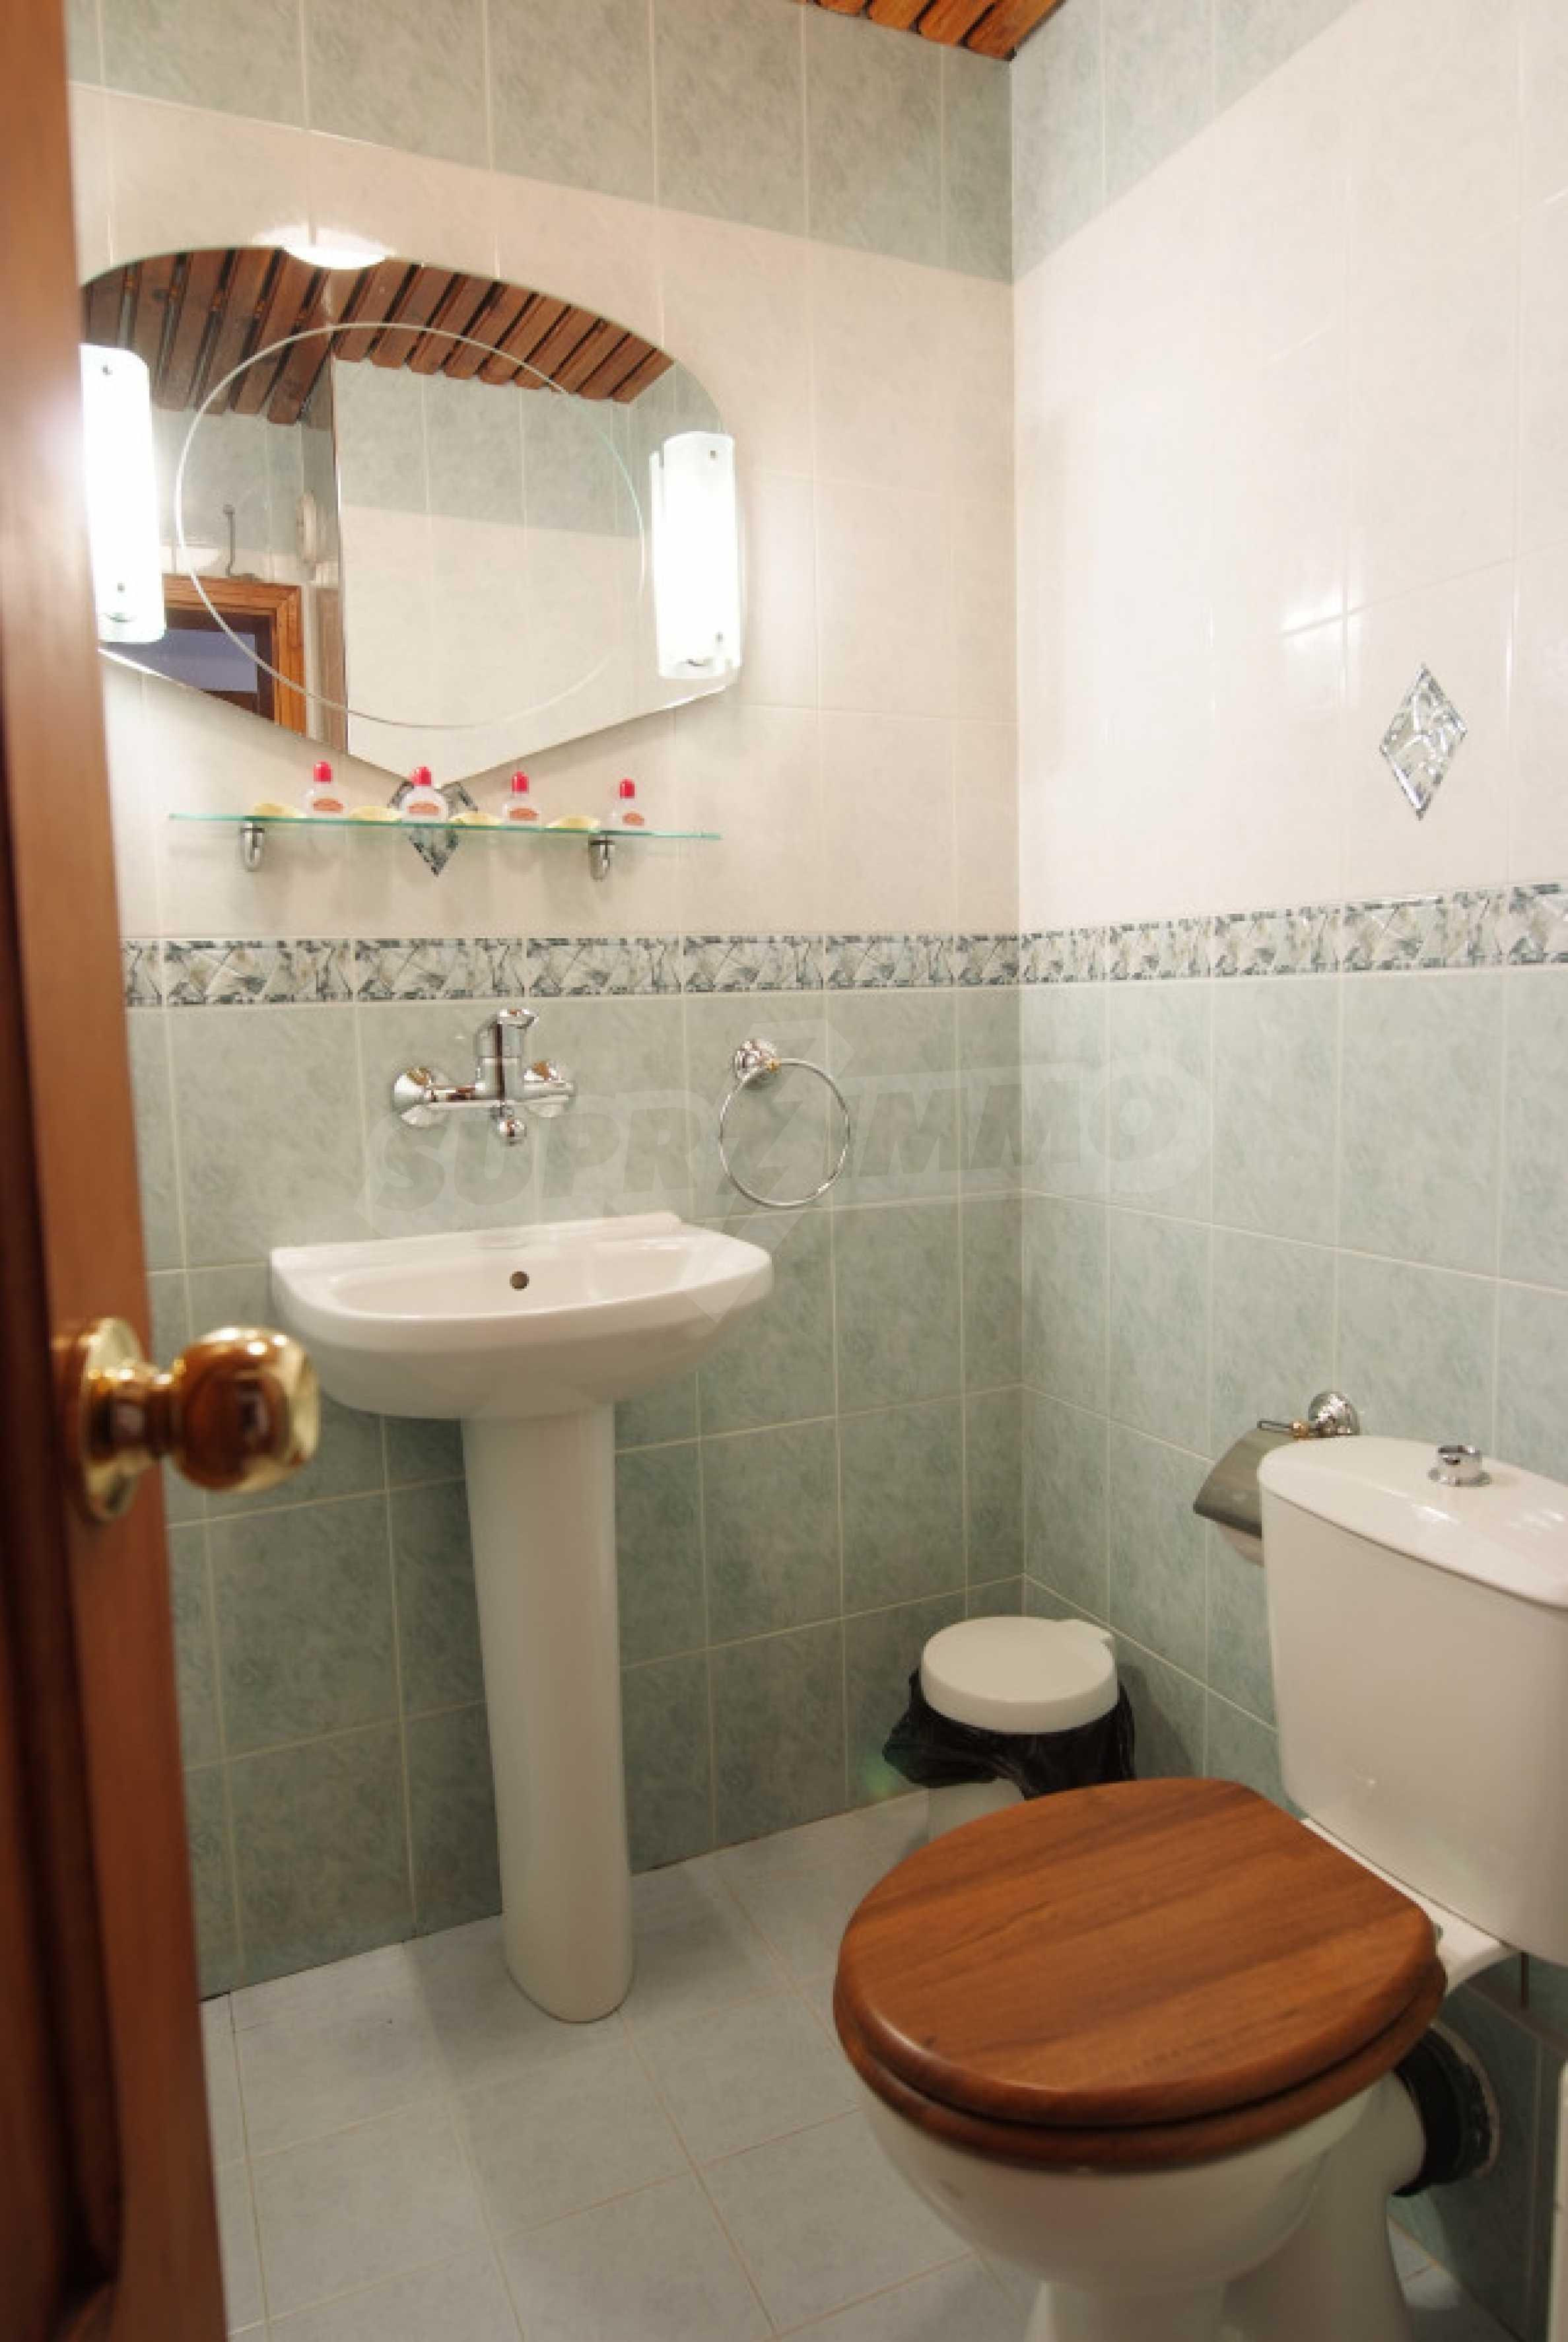 Семеен хотел в центъра на град Мелник 28